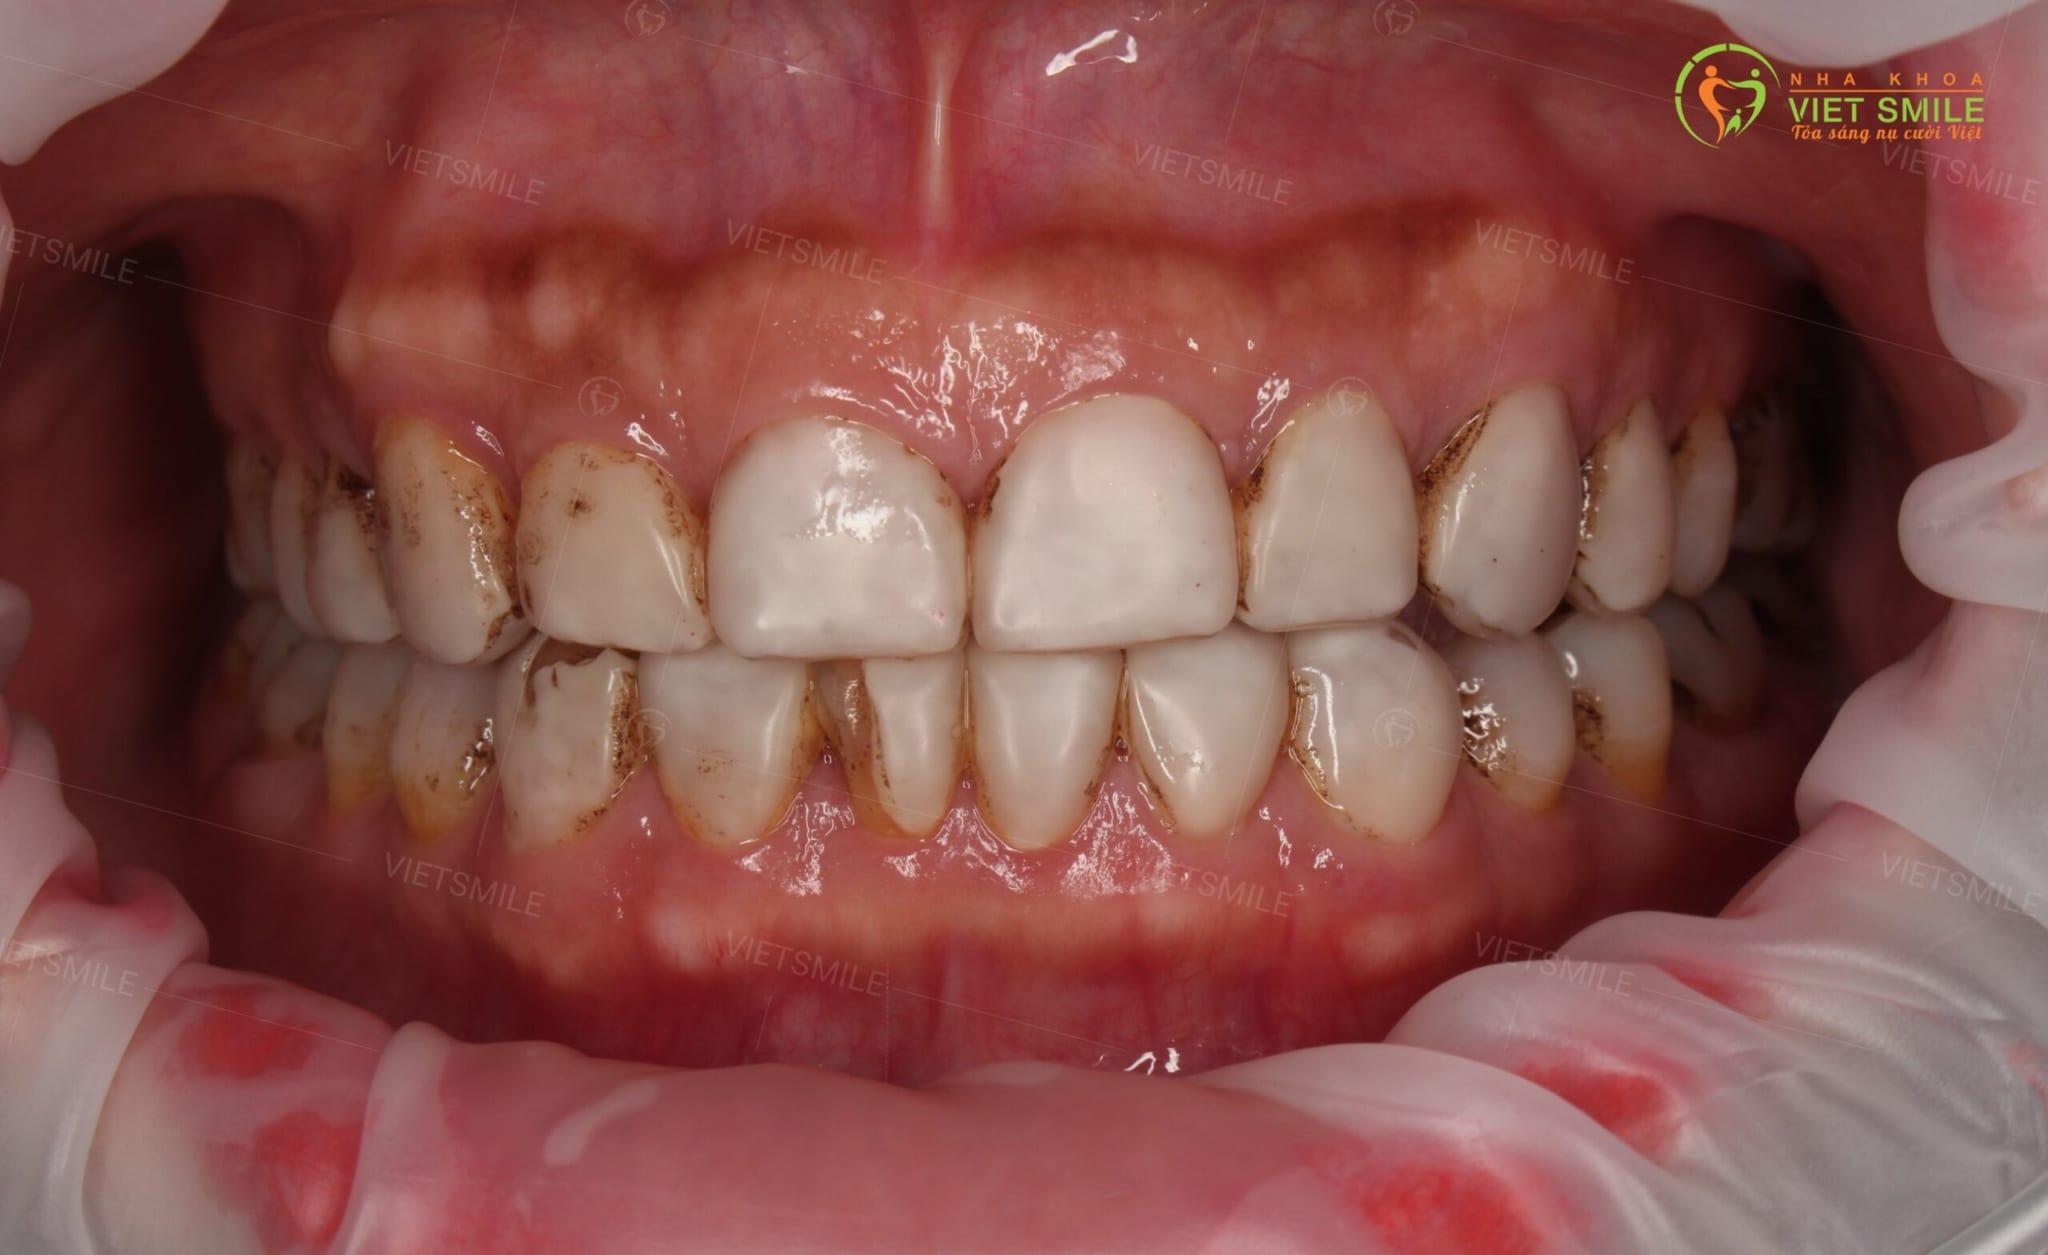 Răng sau khi phủ sứ nano sau vài năm